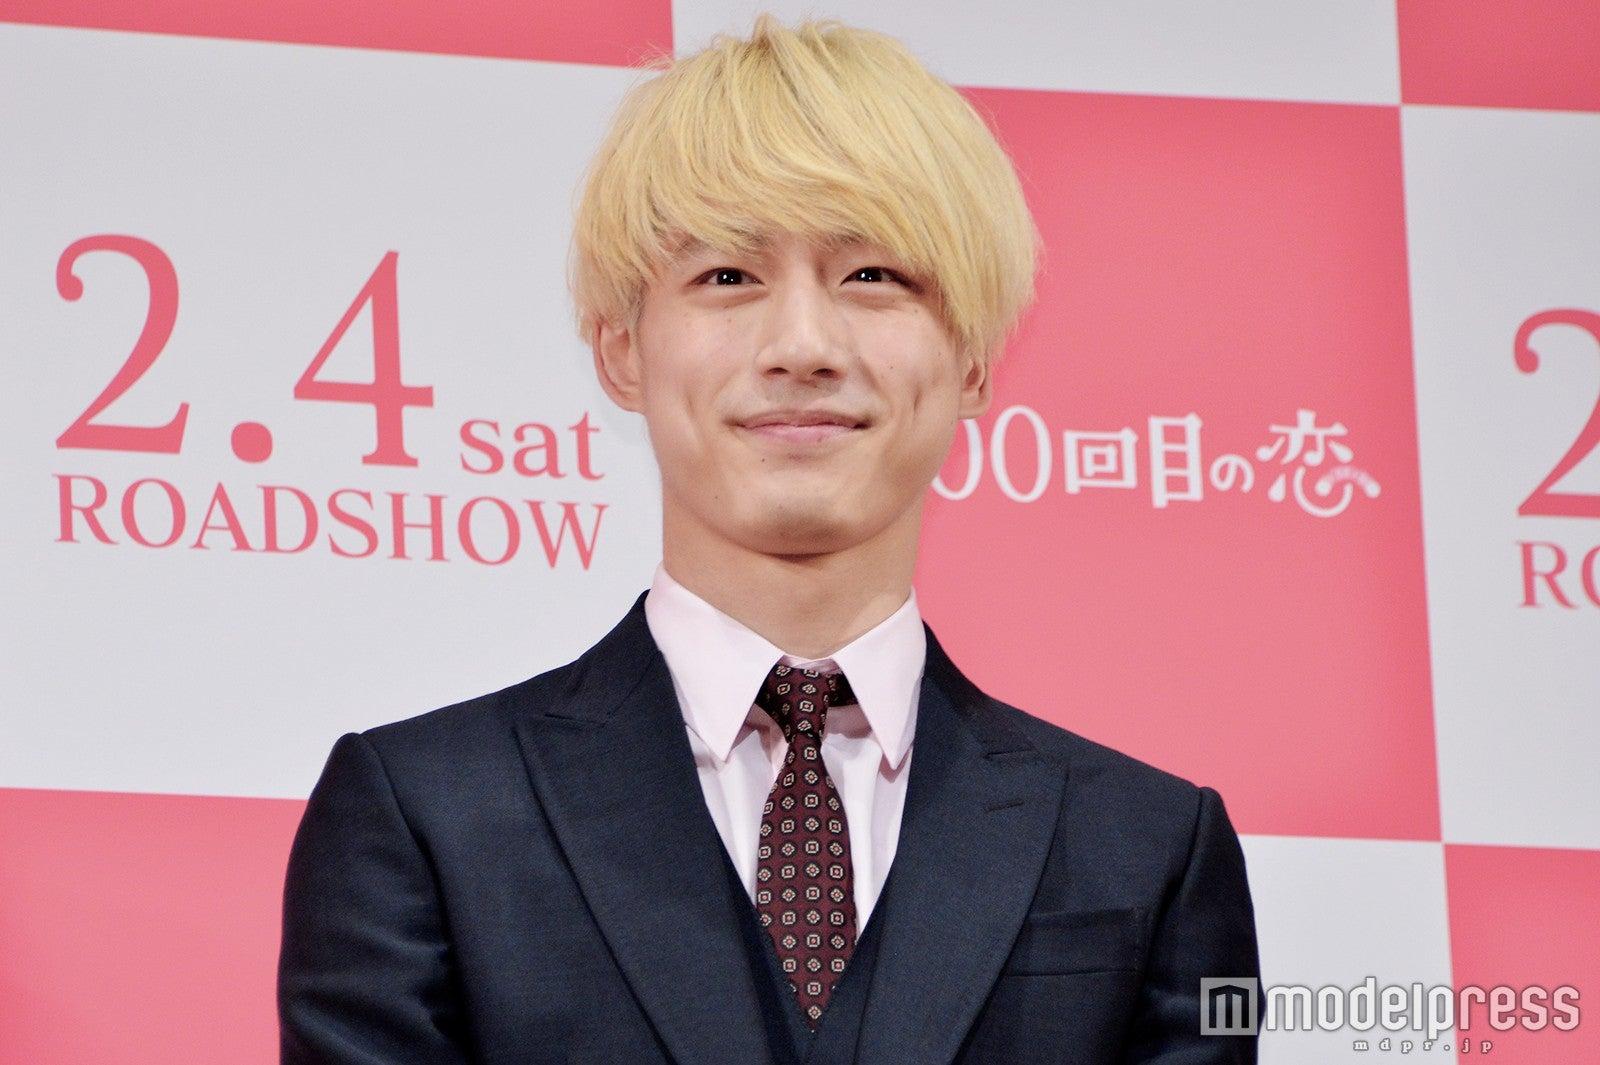 金髪の坂口健太郎「マッシュ」「ふわふわ」「七三」アレンジで